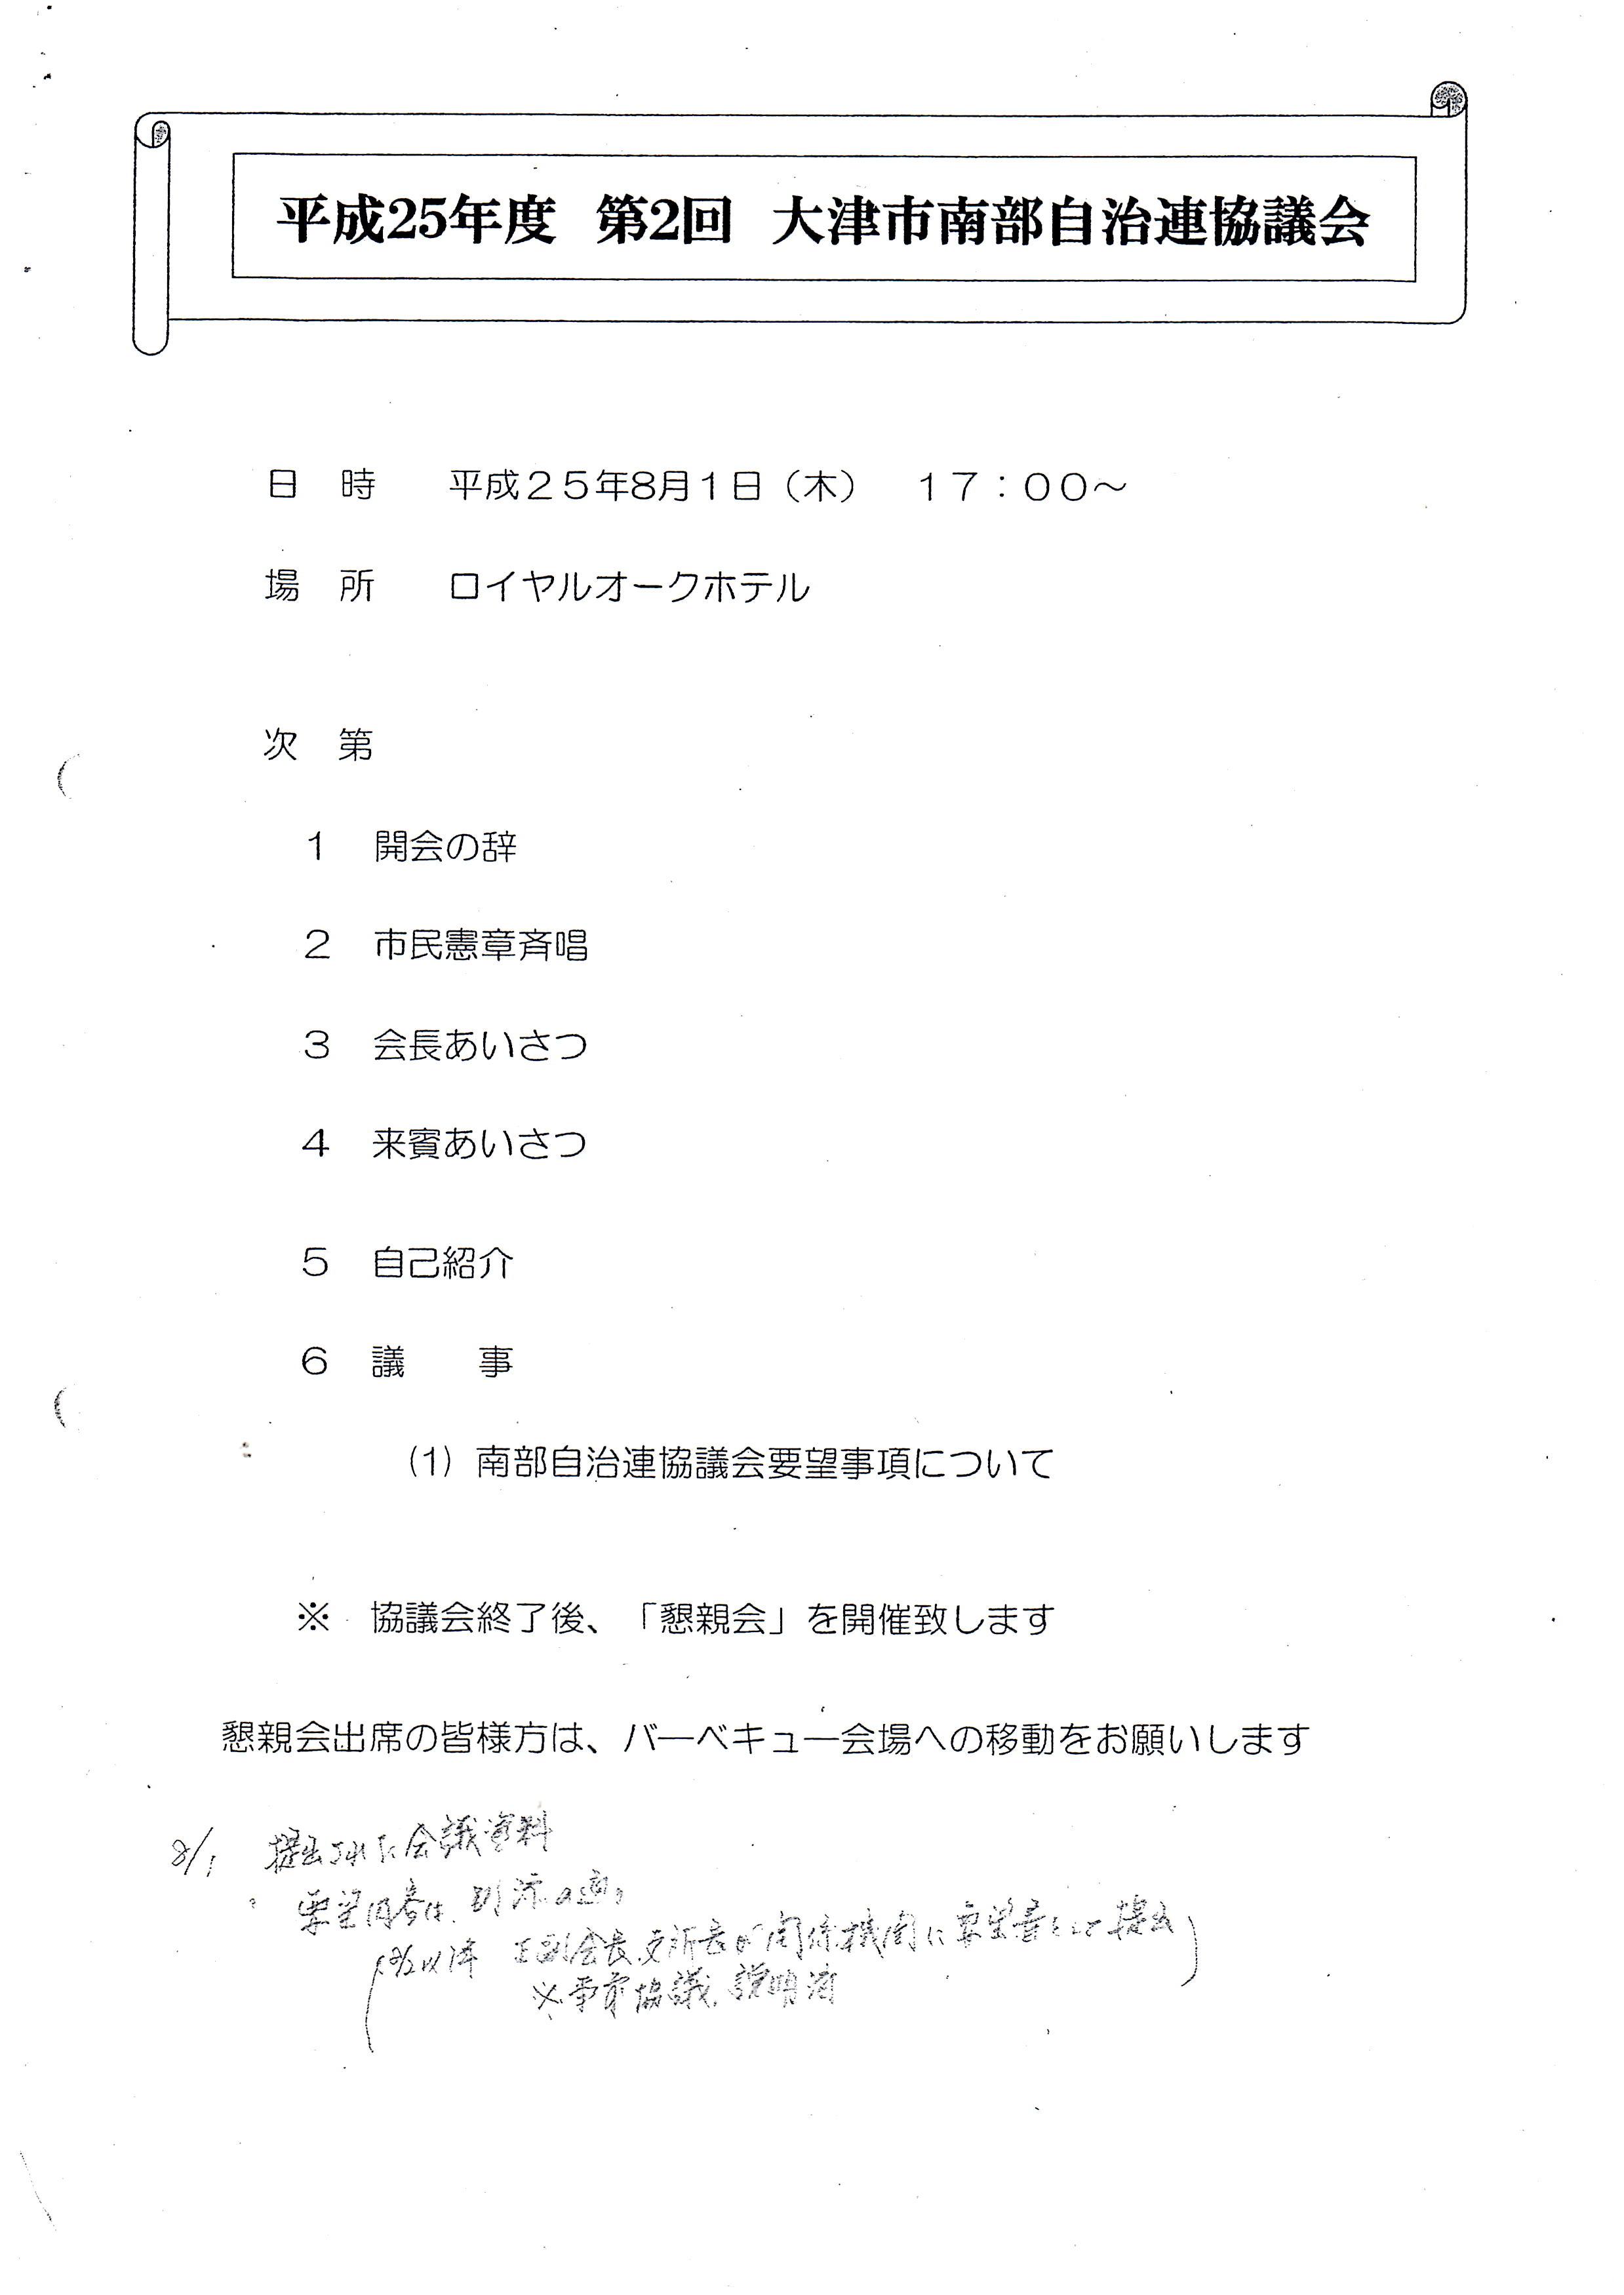 南部自治連/平成25年8月1日